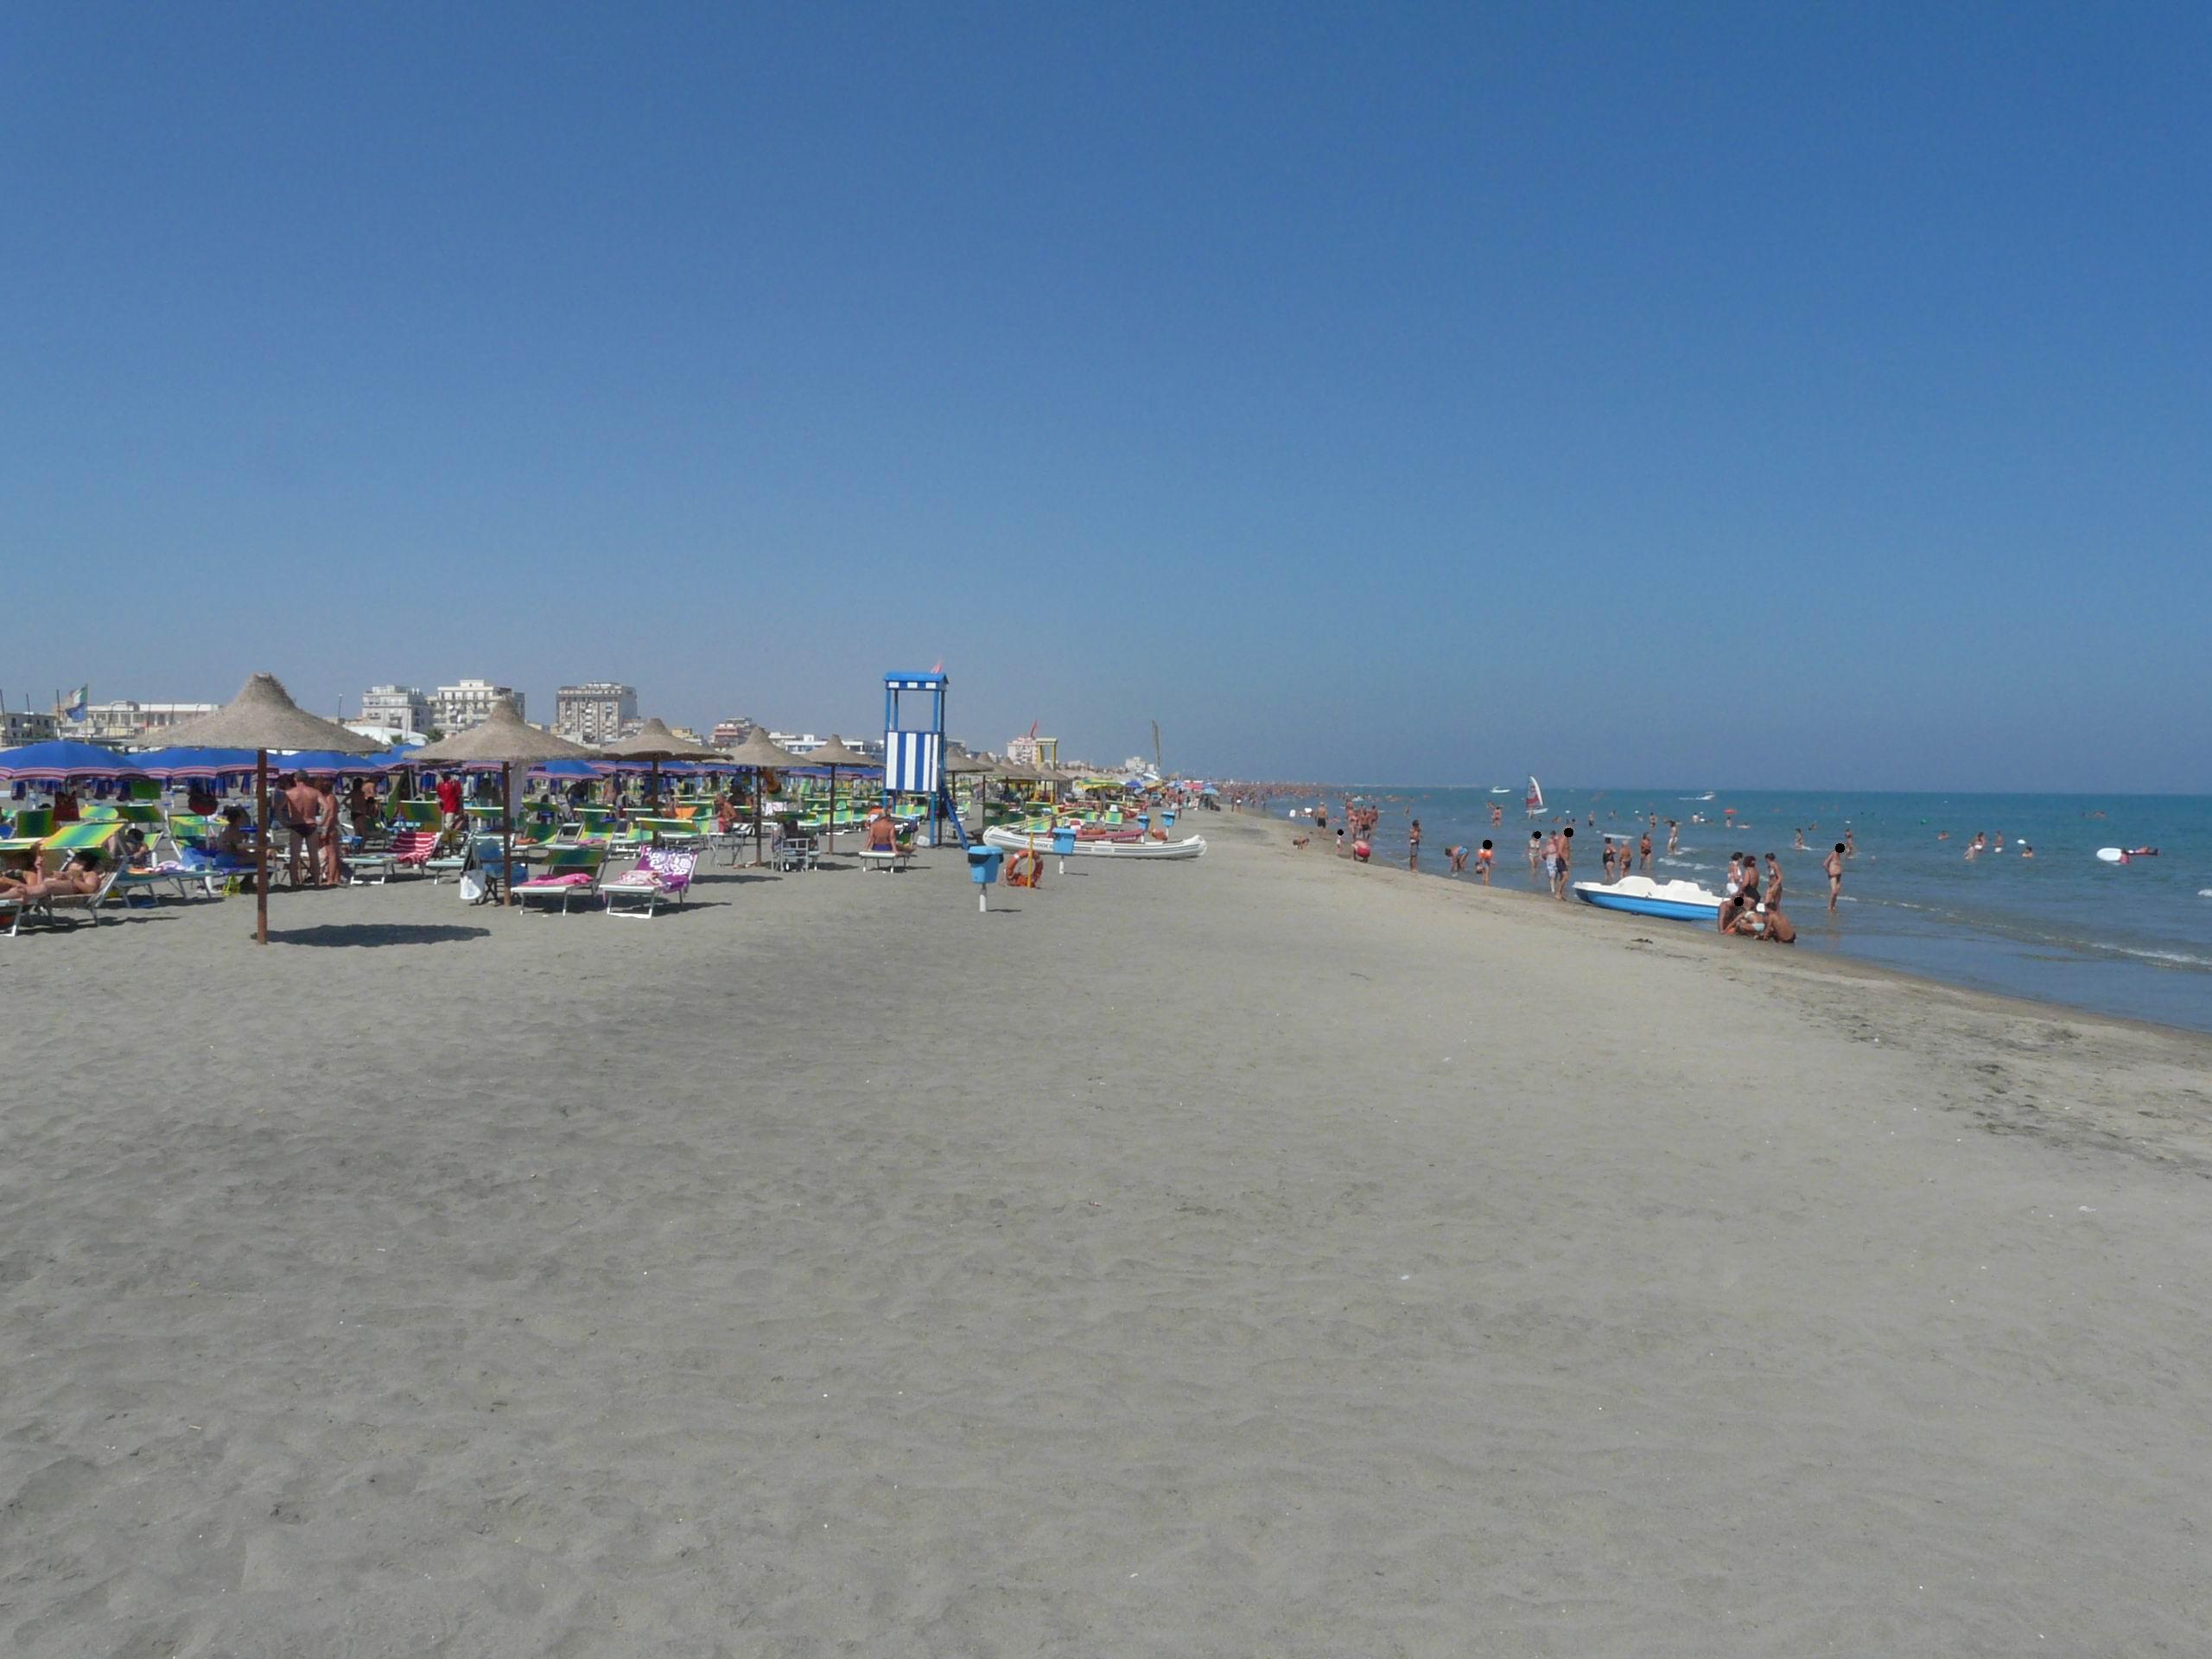 Matrimonio Spiaggia Margherita Di Savoia : File margherita di savoia bt la spiaggia g